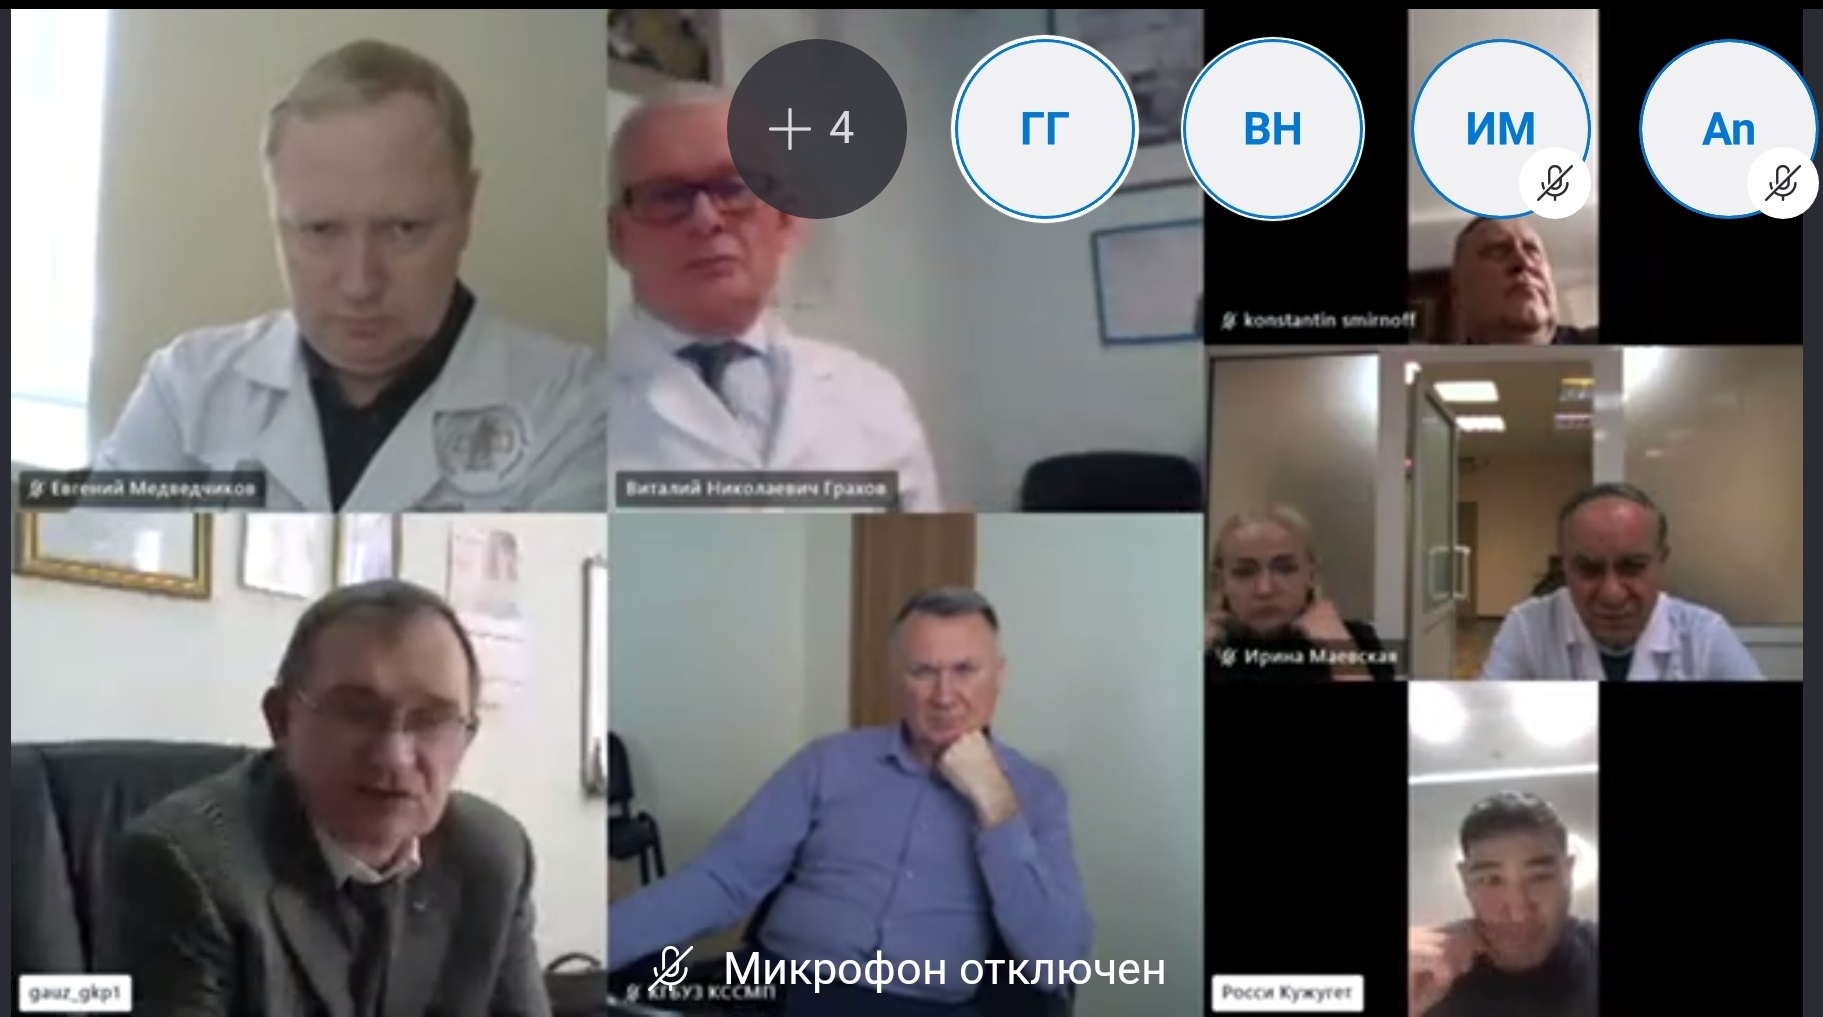 Прошло совещание руководителей медицинских ассоциаций Сибирского федерального округа